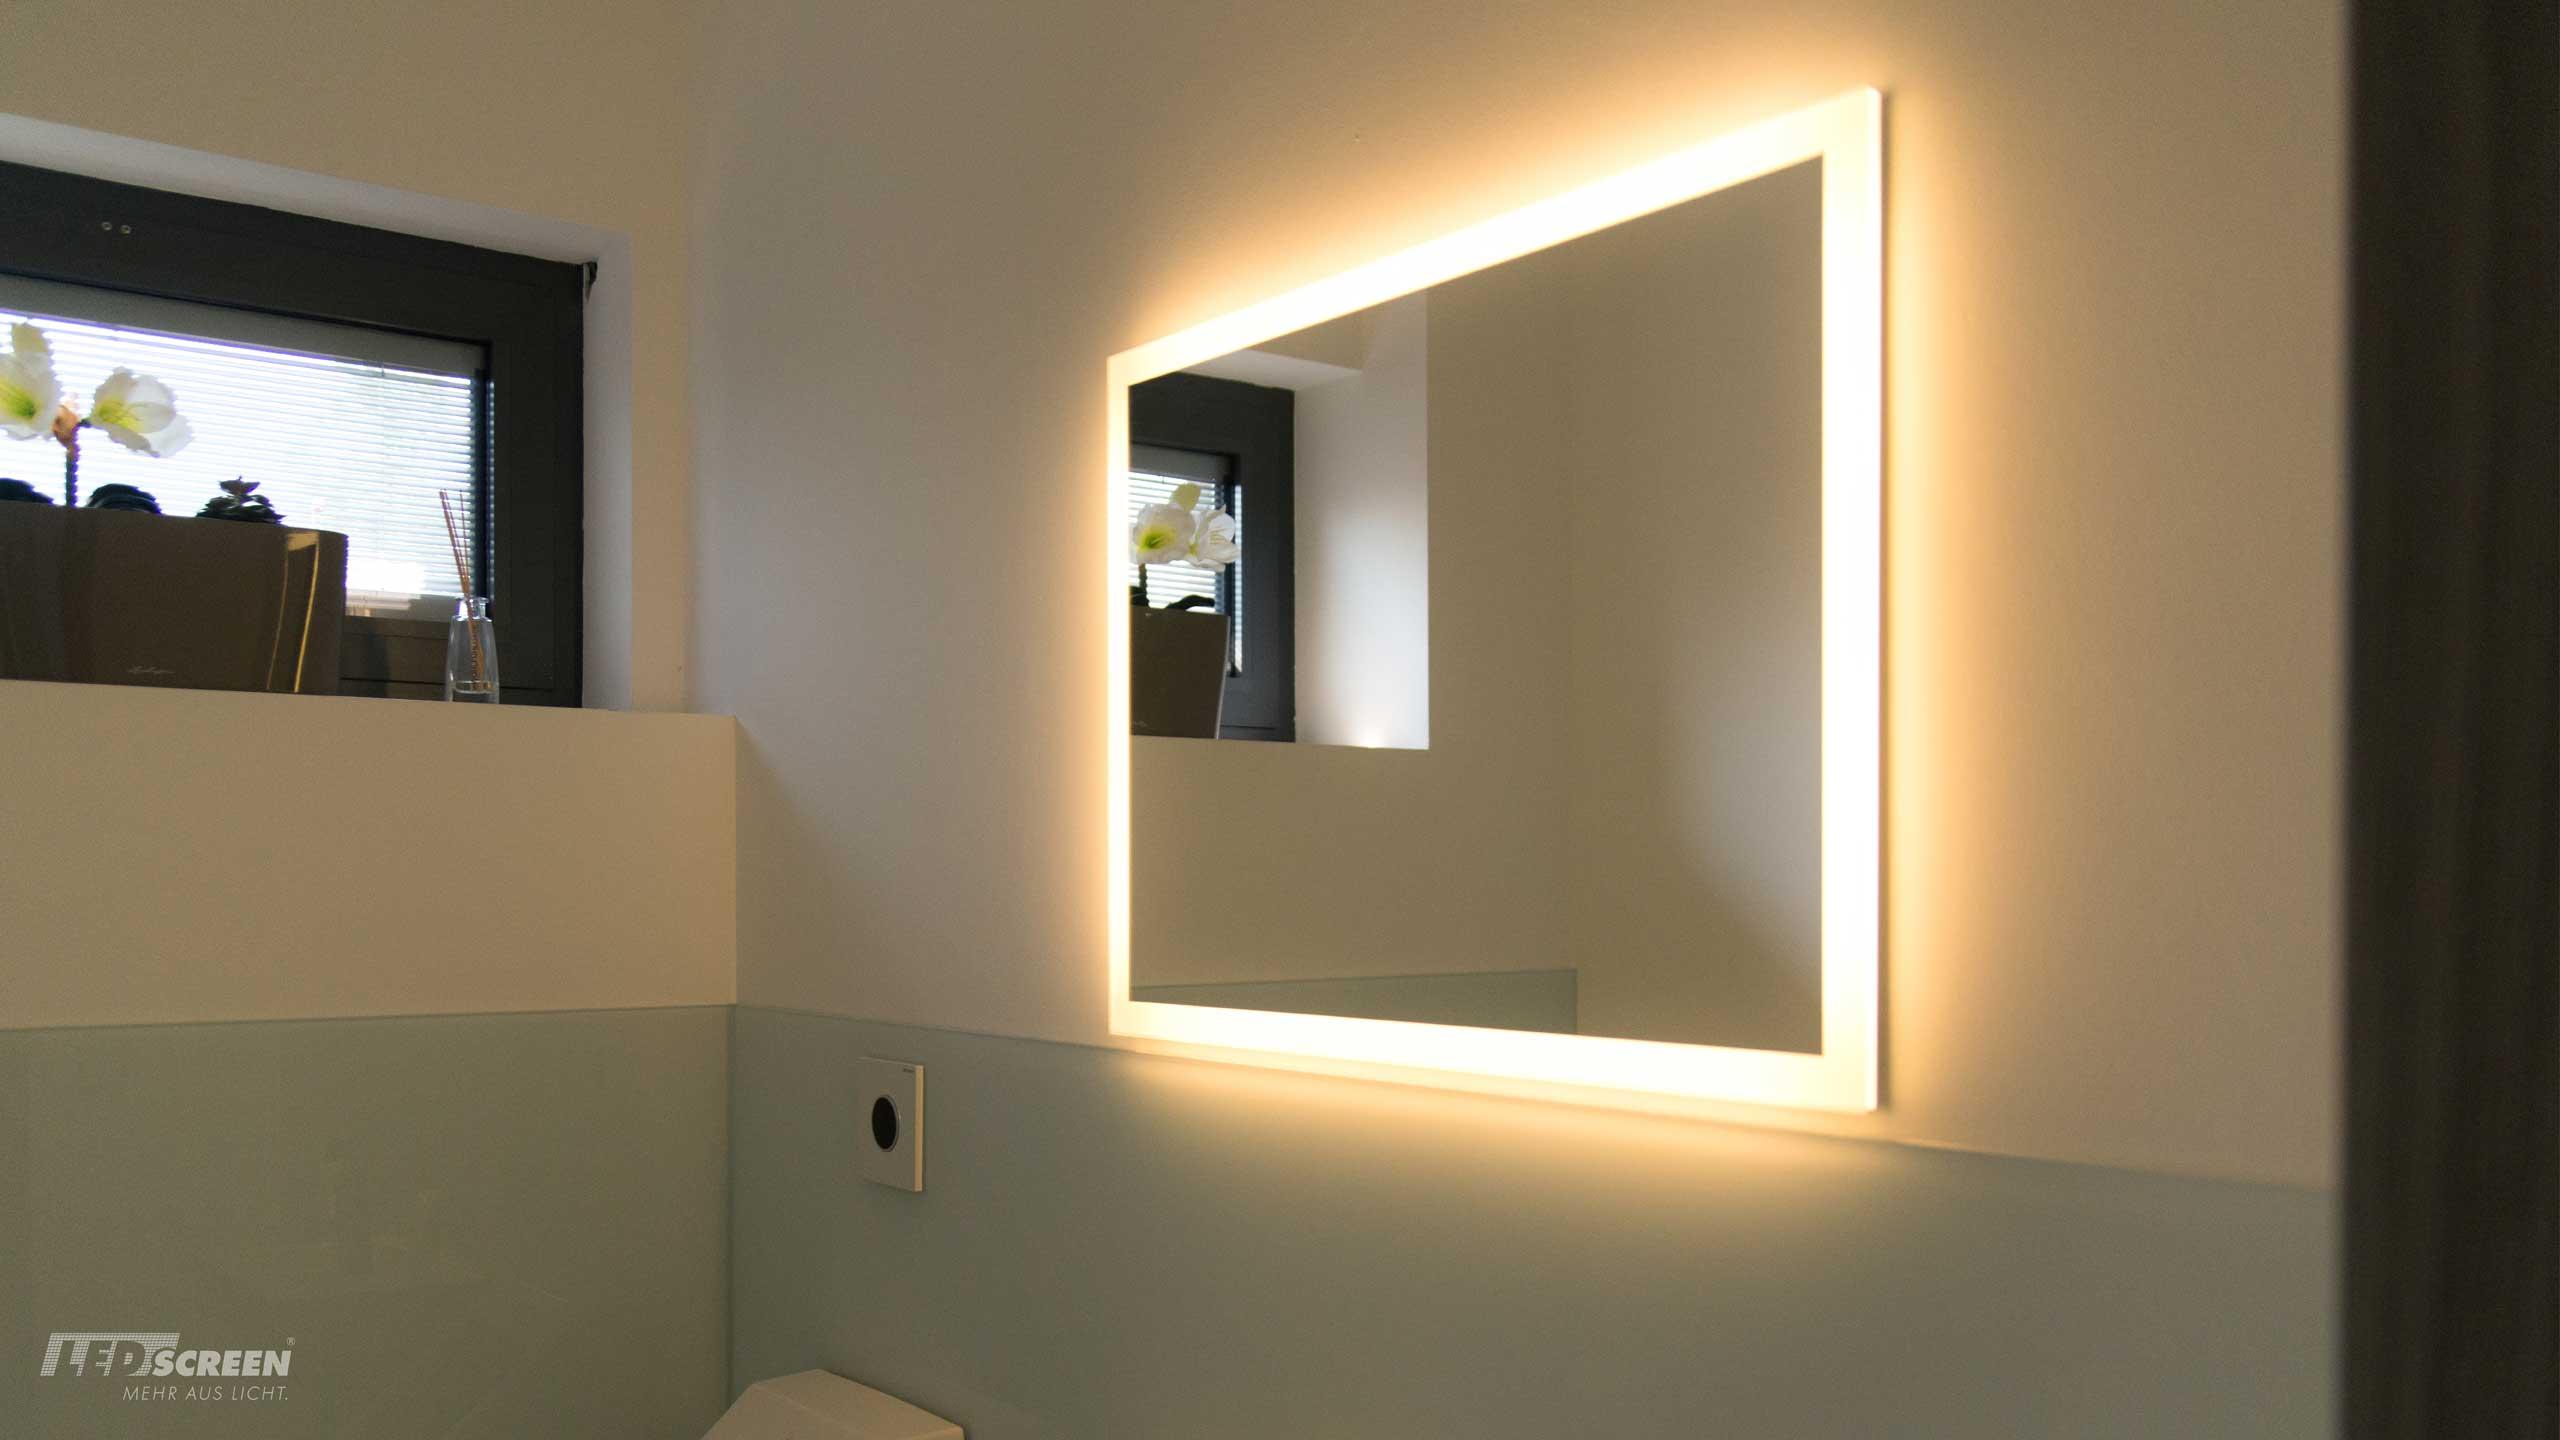 LEDscreen_Leuchtspiegel_01